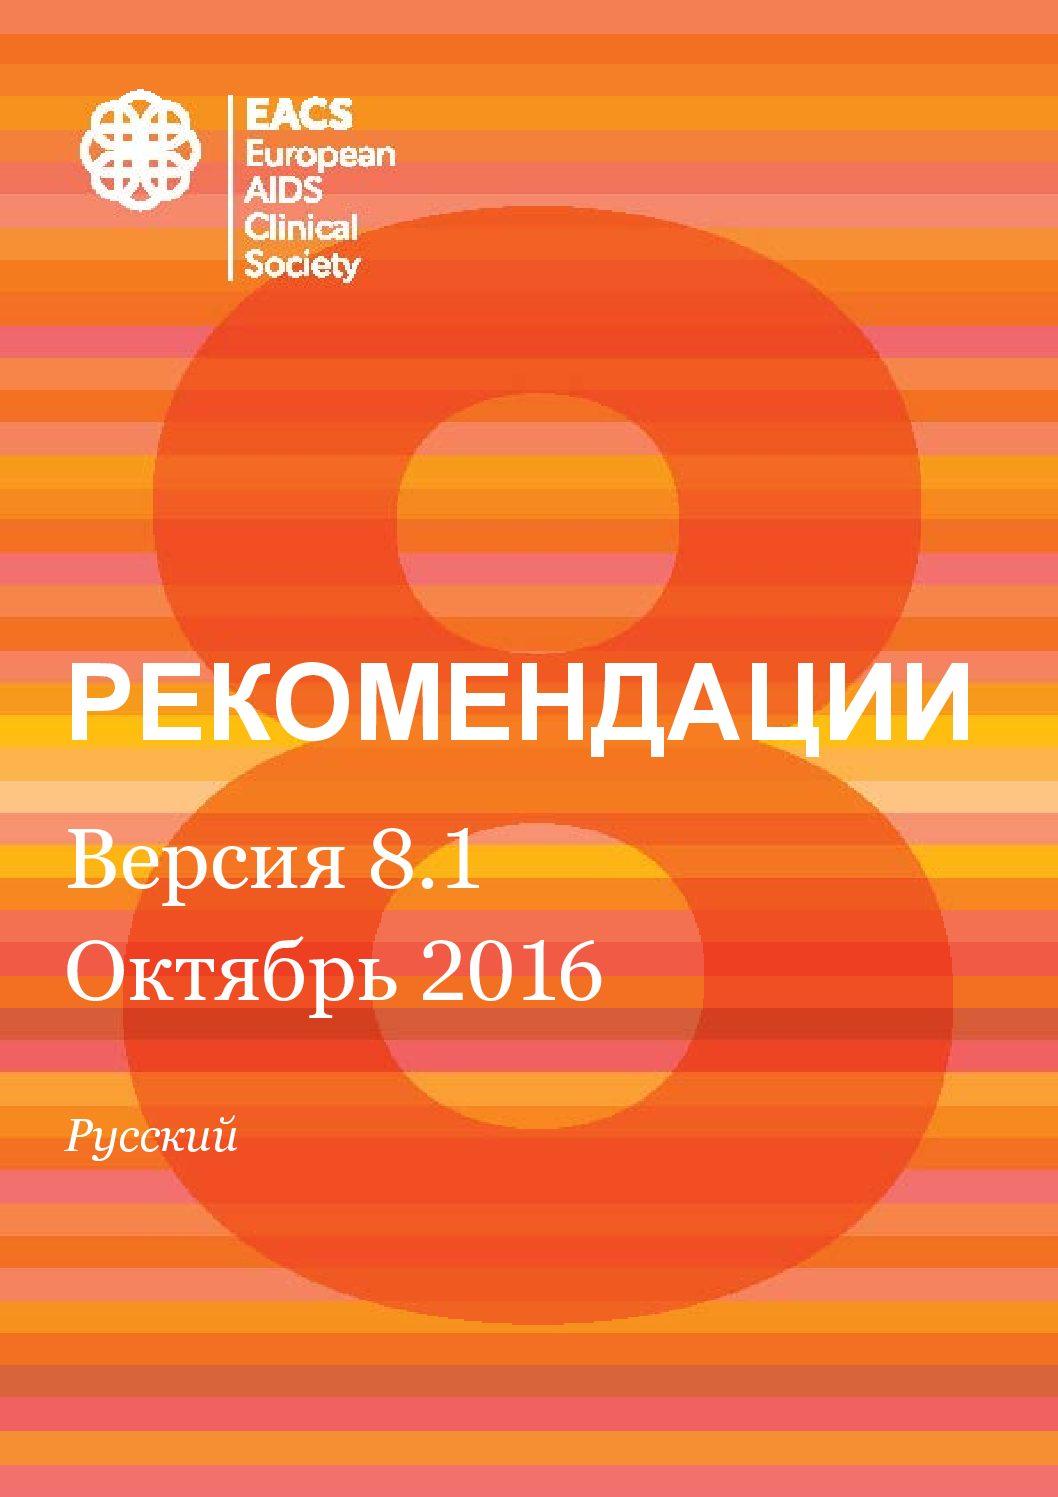 Рекомендации Европейского клинического общества СПИДа Версия 8.1 Октябрь 2016